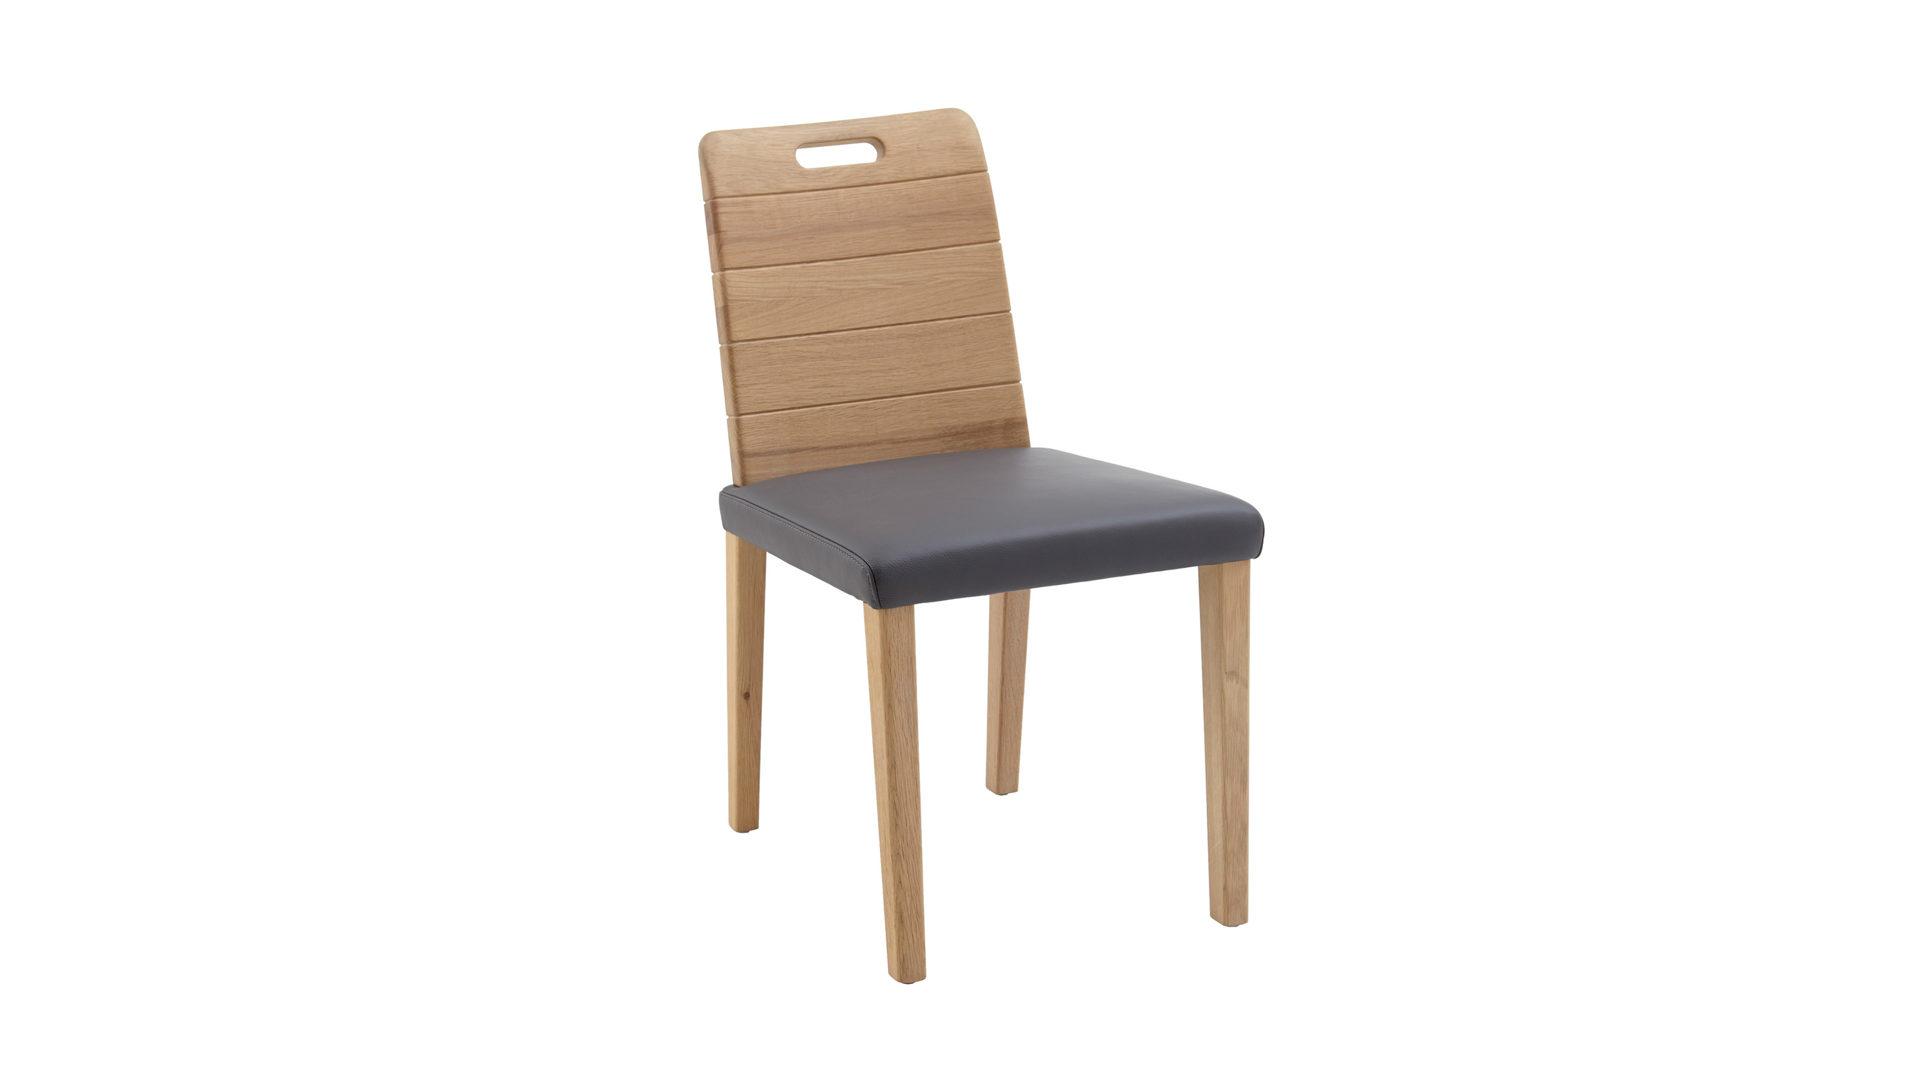 Combinessa Stuhl Gendo Ein Sitzmöbel Mit Komfort Schwarzes Bad